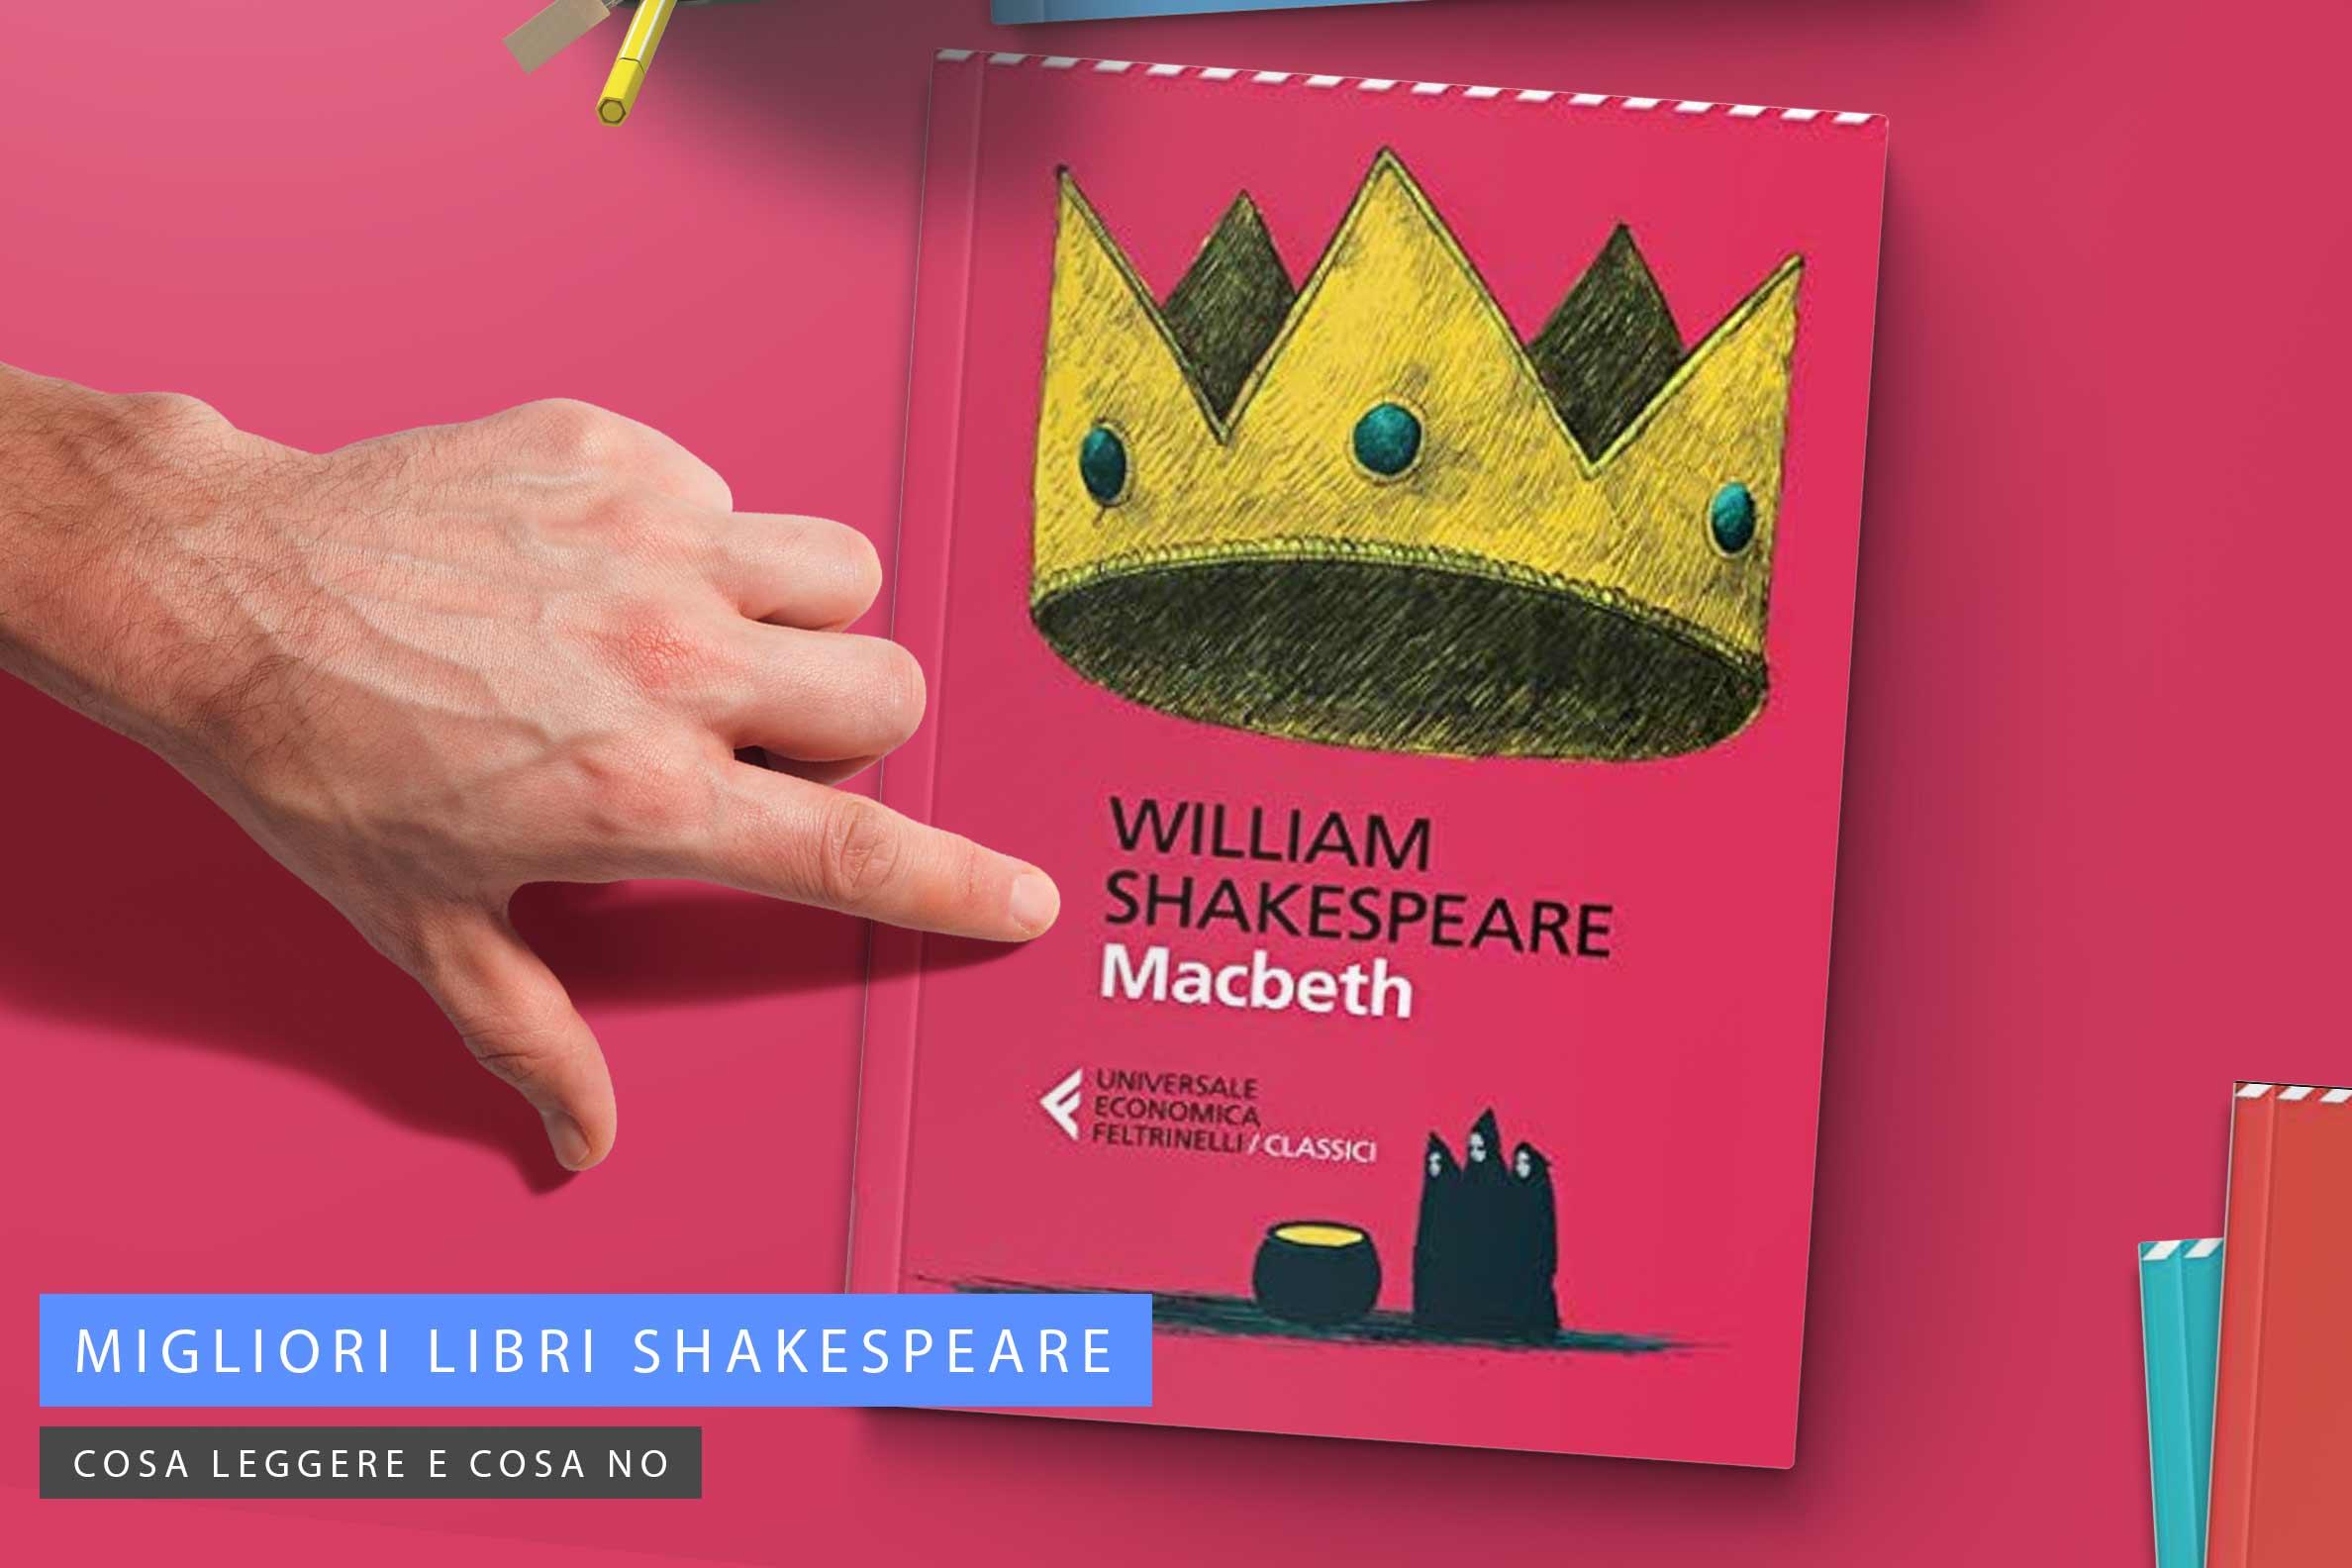 migliori-libri-shakespere-macbeth